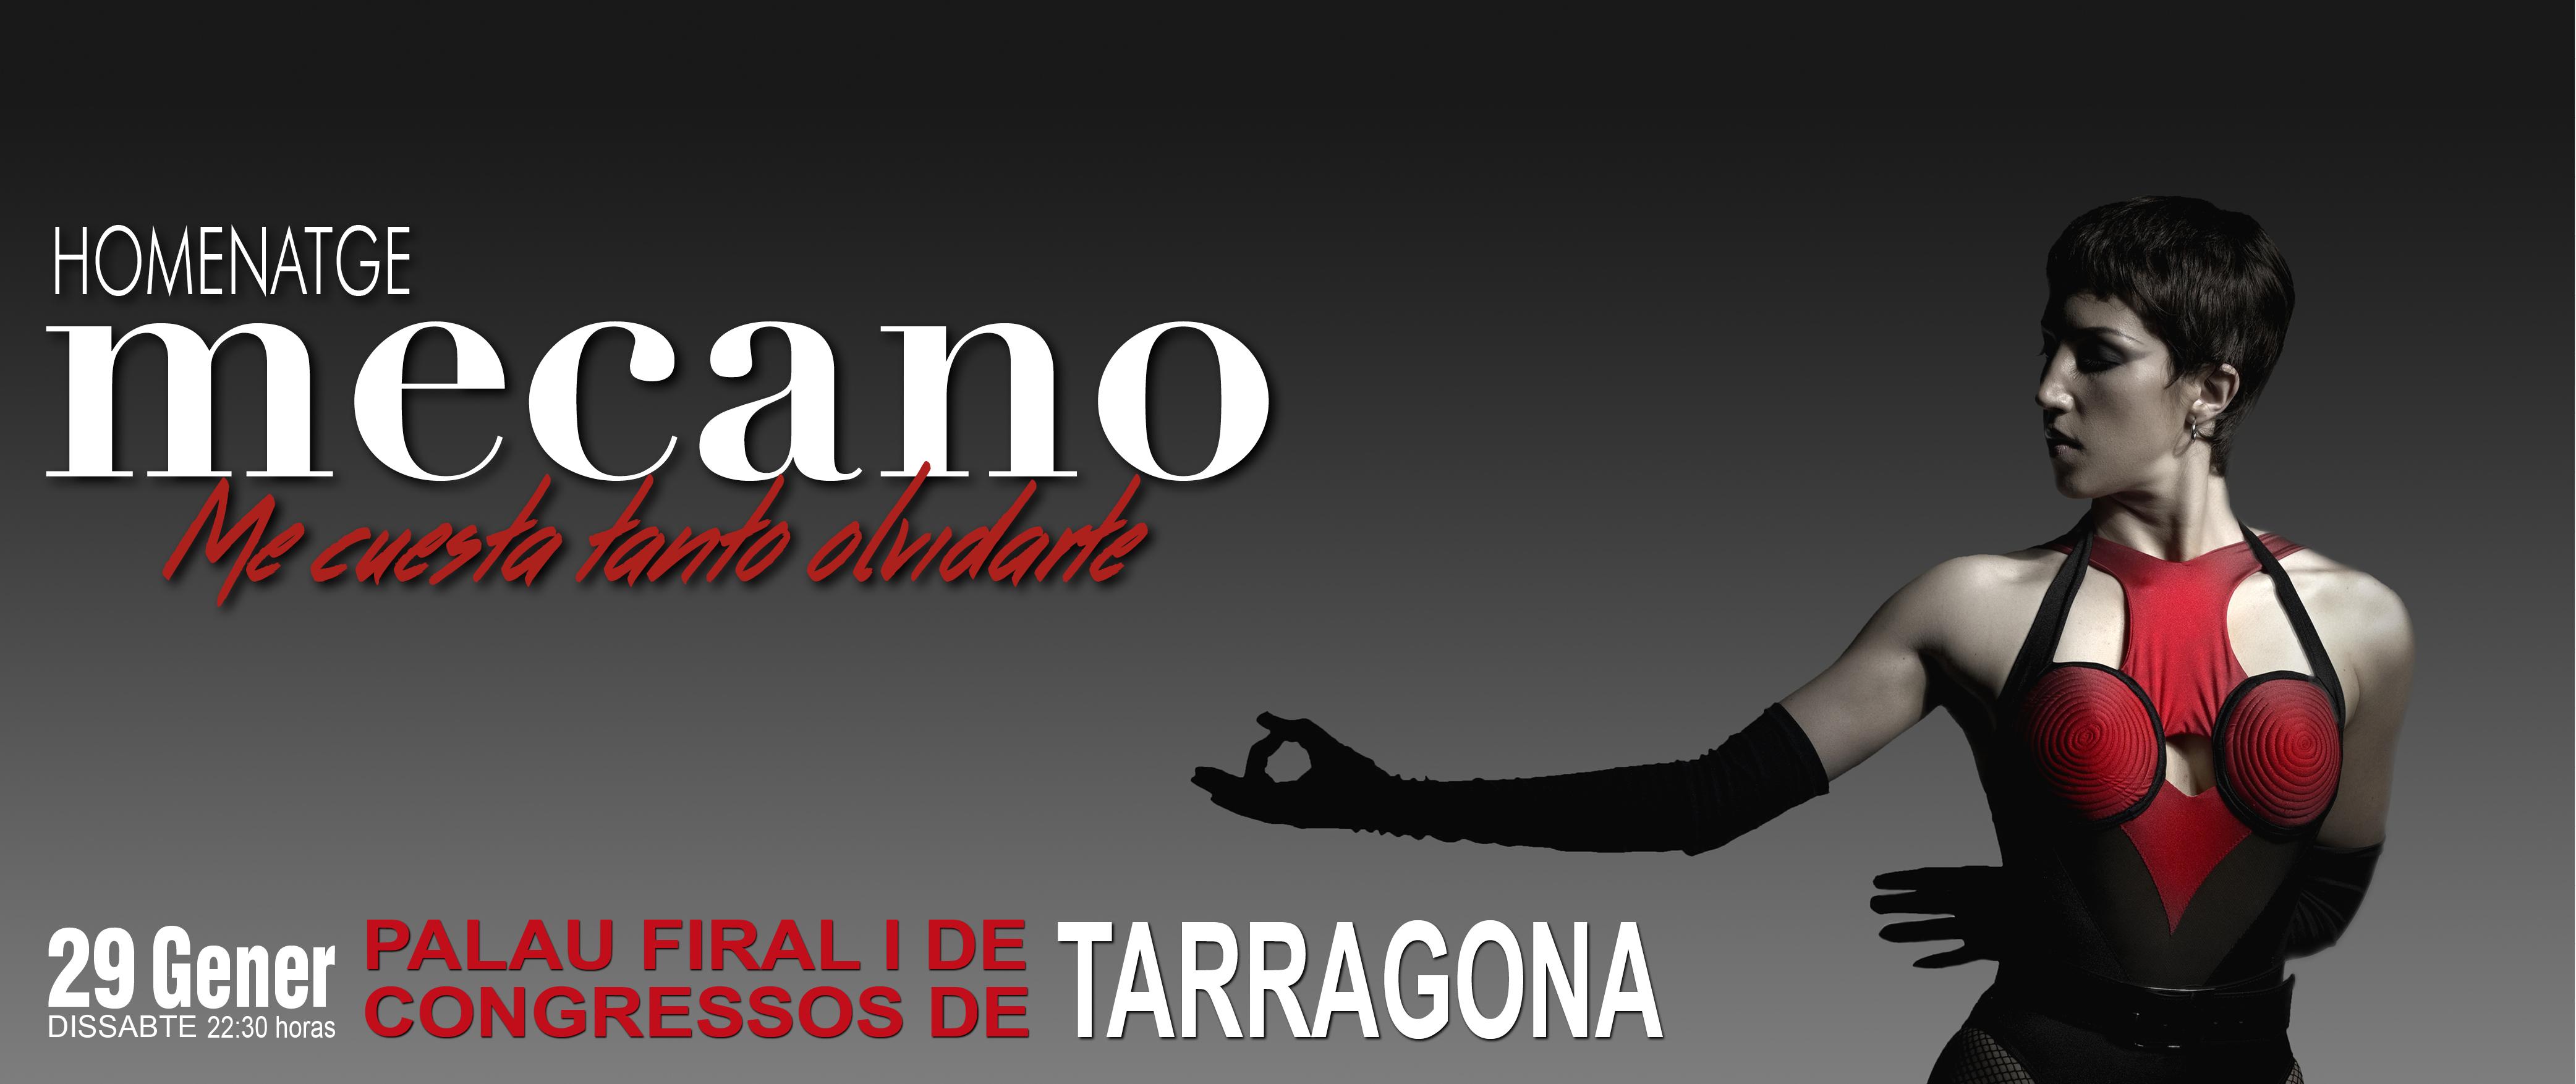 Homenaje Mecano Tarragona